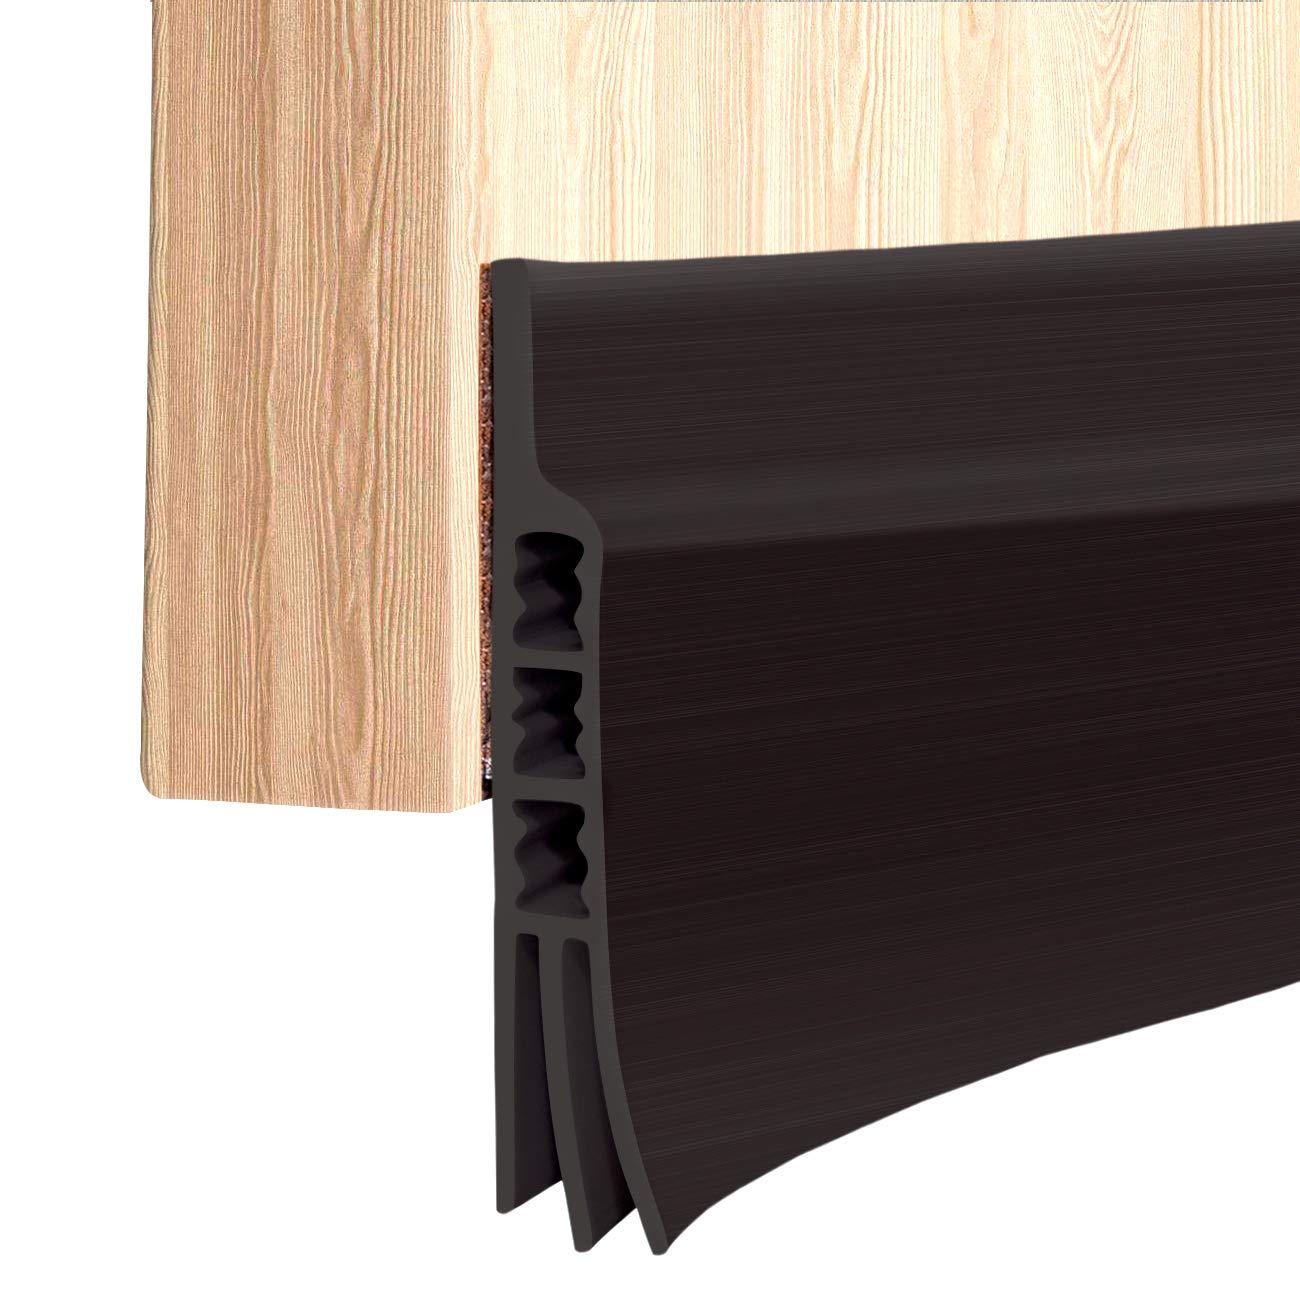 Door Sweep Block Dust 39 L x2 W Black Door Strip for Soundproof Under Door Draft Blocker Door Under Seal Wind Blocker Ohuhu Door Draft Stopper